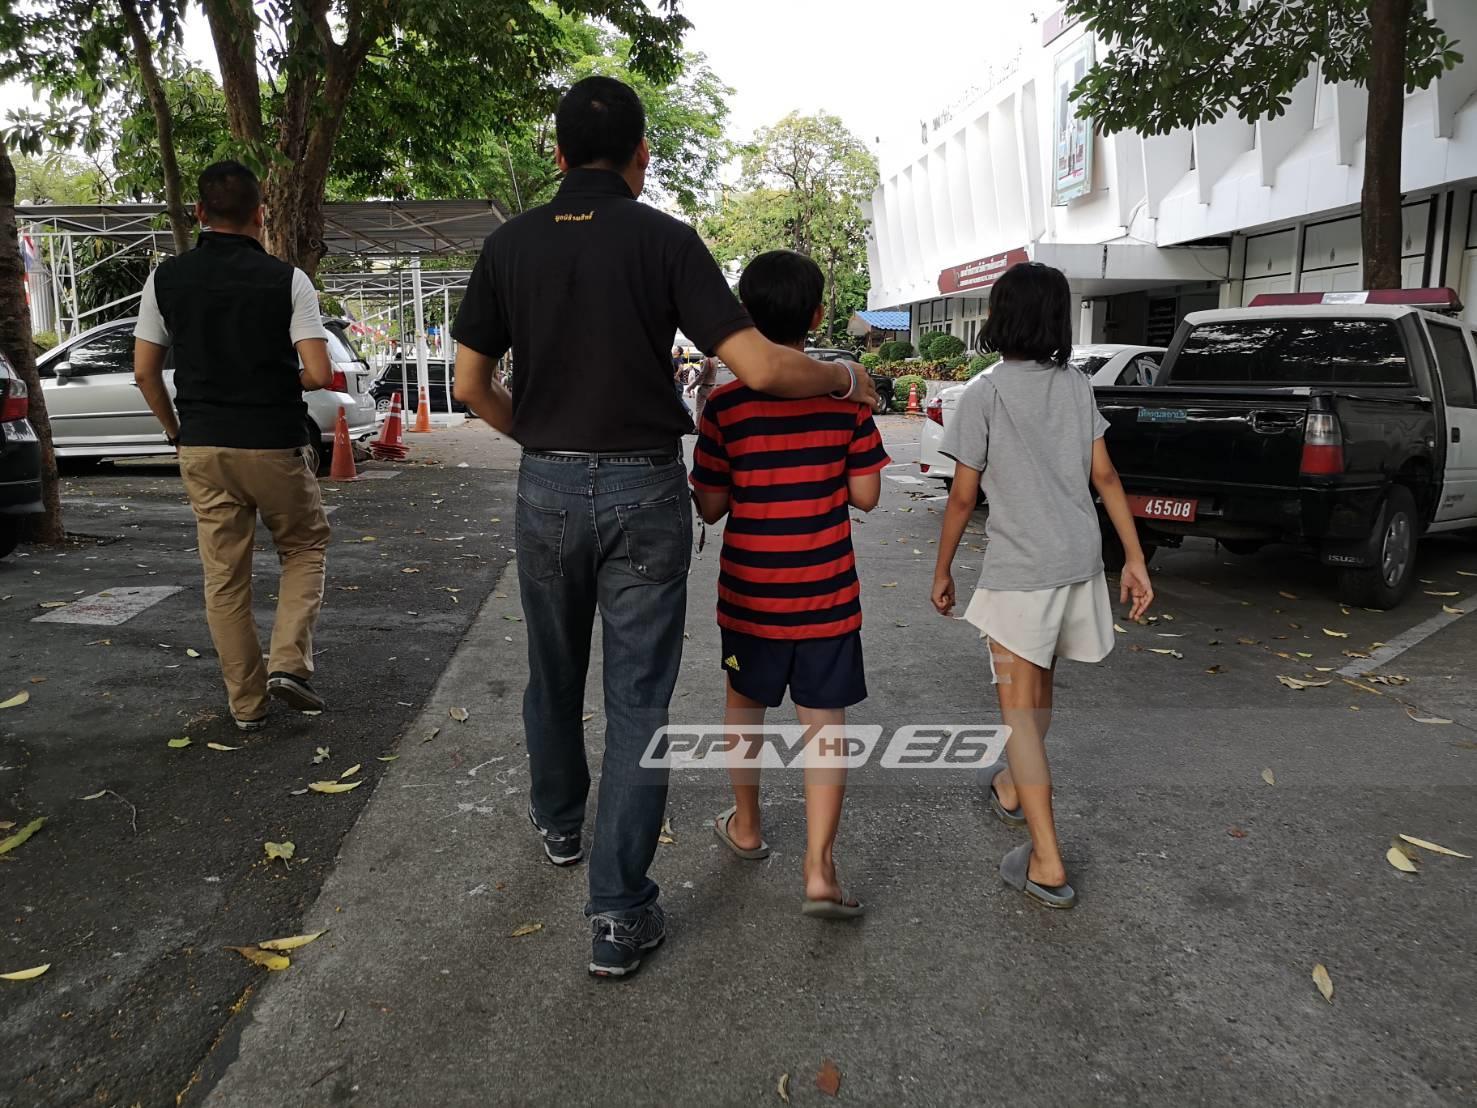 2 ลูกครึ่งสวิตฯ รอดตกตึกย่านรามคำแหง หนีออกจากบ้าน เหตุทนแม่ทุบตีไม่ไหว